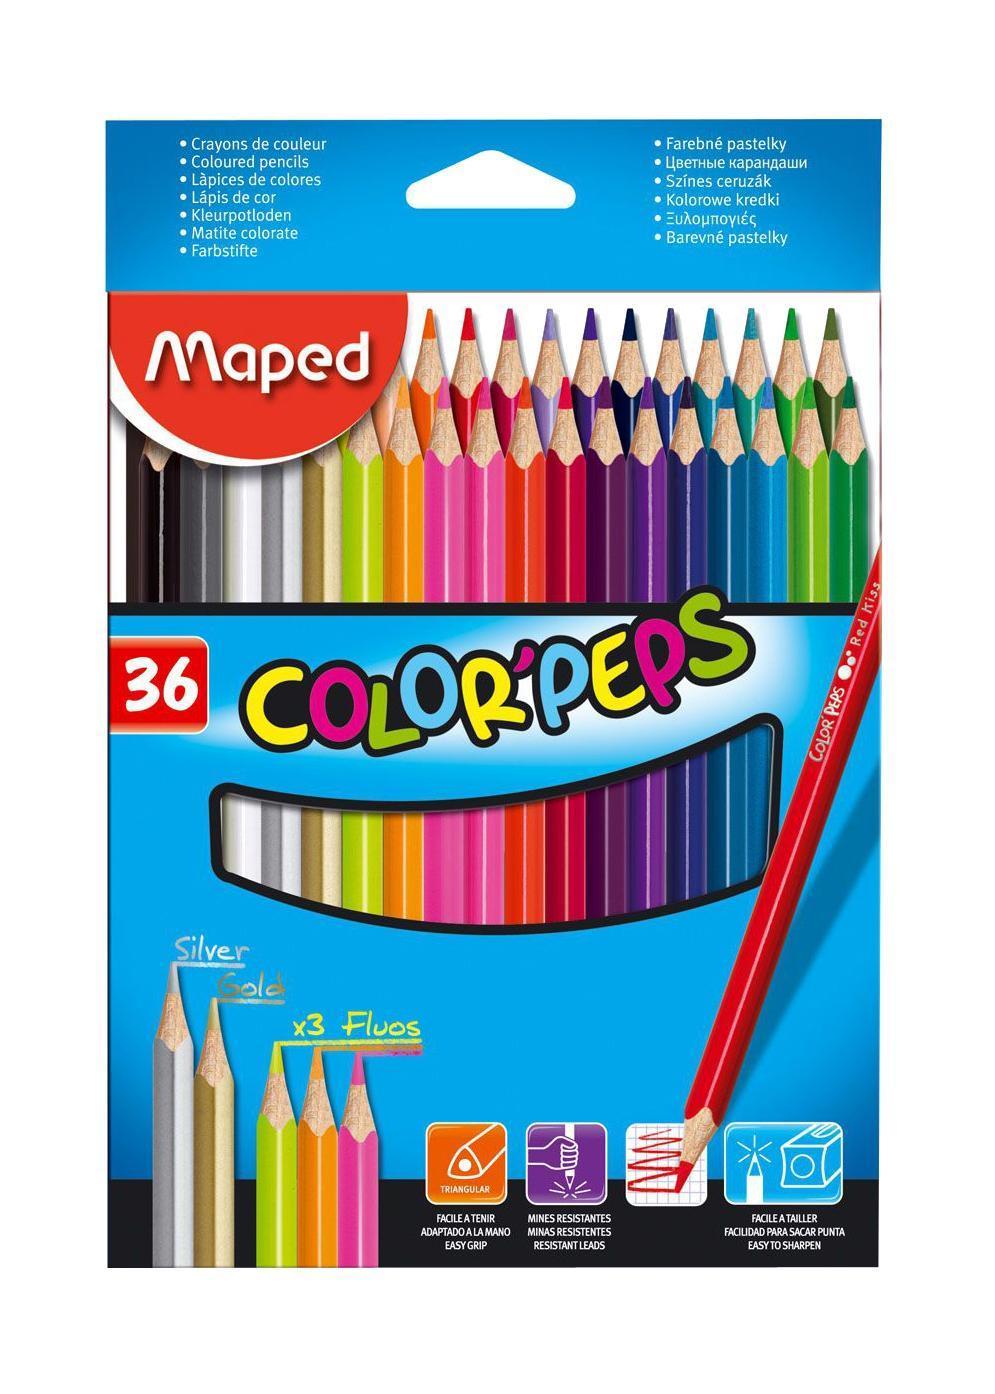 Карандаши цветные Maped Color Peps, 36 цветов72523WDВ процессе рисования у малышей развивается наглядно-образное мышление, воображение, мелкая моторика рук, творческие и художественные способности, вырабатывается усидчивость и аккуратность. Набор содержит карандаши 36 ярких насыщенных цветов. Все карандаши предварительно заточены. Цветные карандаши Color Peps разработаны специально для самых маленьких художников, которые только начинают свой творческий путь. Эргономичный трехгранный корпус из американской липы особенно удобен для маленьких детских ручек. Специальное покрытие и многослойная лакировка уменьшают скольжение, что делает процесс рисования максимально комфортным. Мягкий, ударопрочный грифель не ломается и не крошится при заточке.В процессе рисования у малышей развивается наглядно-образное мышление, воображение, мелкая моторика рук, творческие и художественные способности, вырабатывается усидчивость и аккуратность.